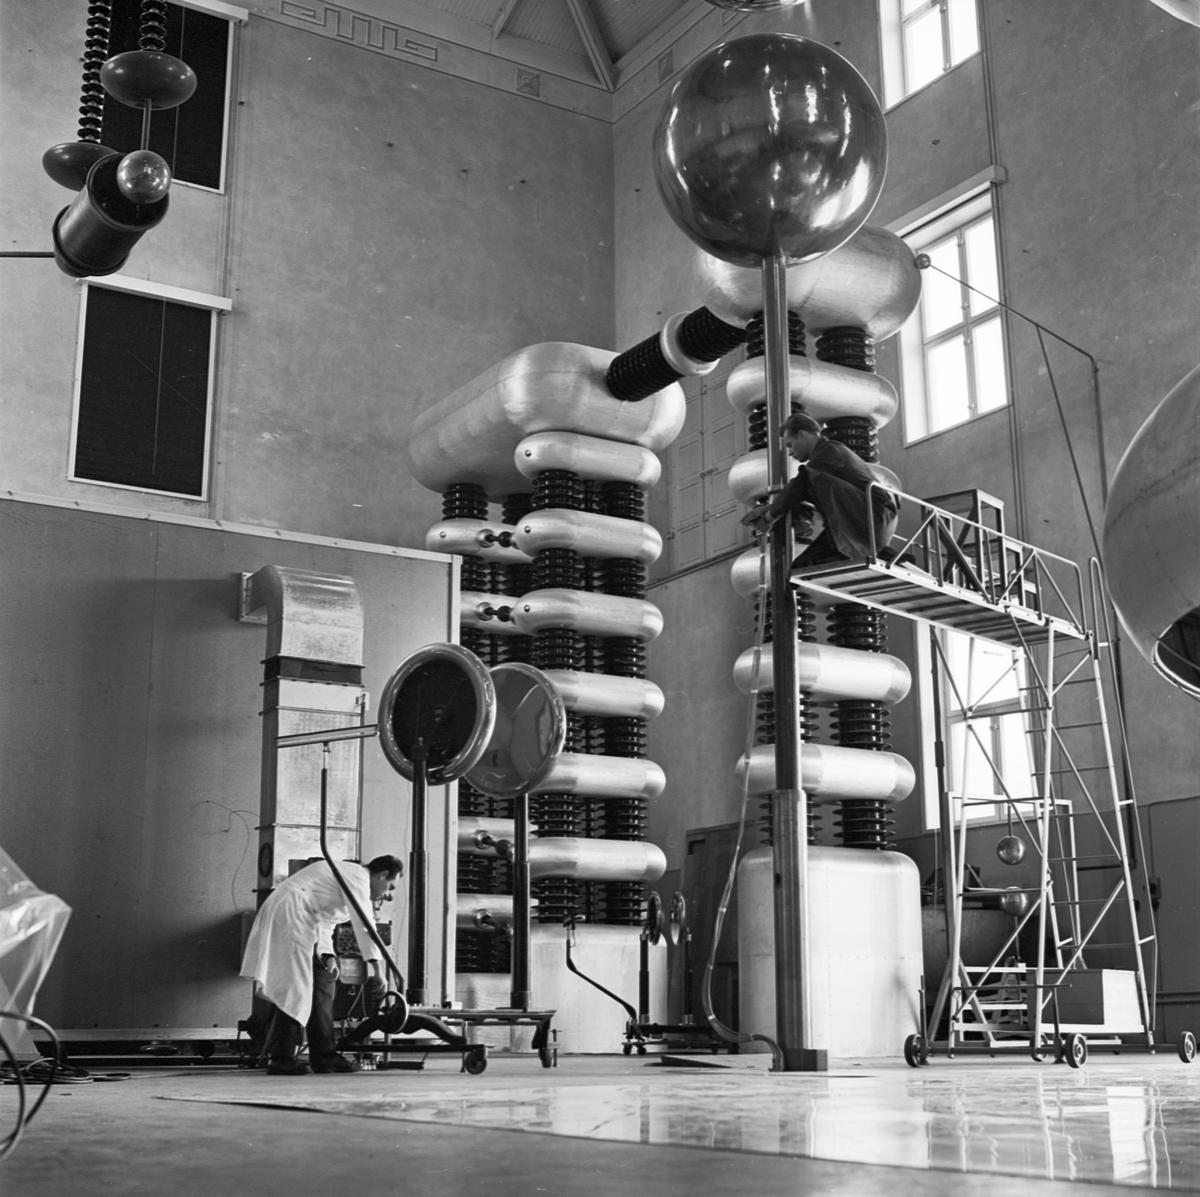 Högspänningslaboratoriet, ingenjör Oskars Salka, Uppsala 1963